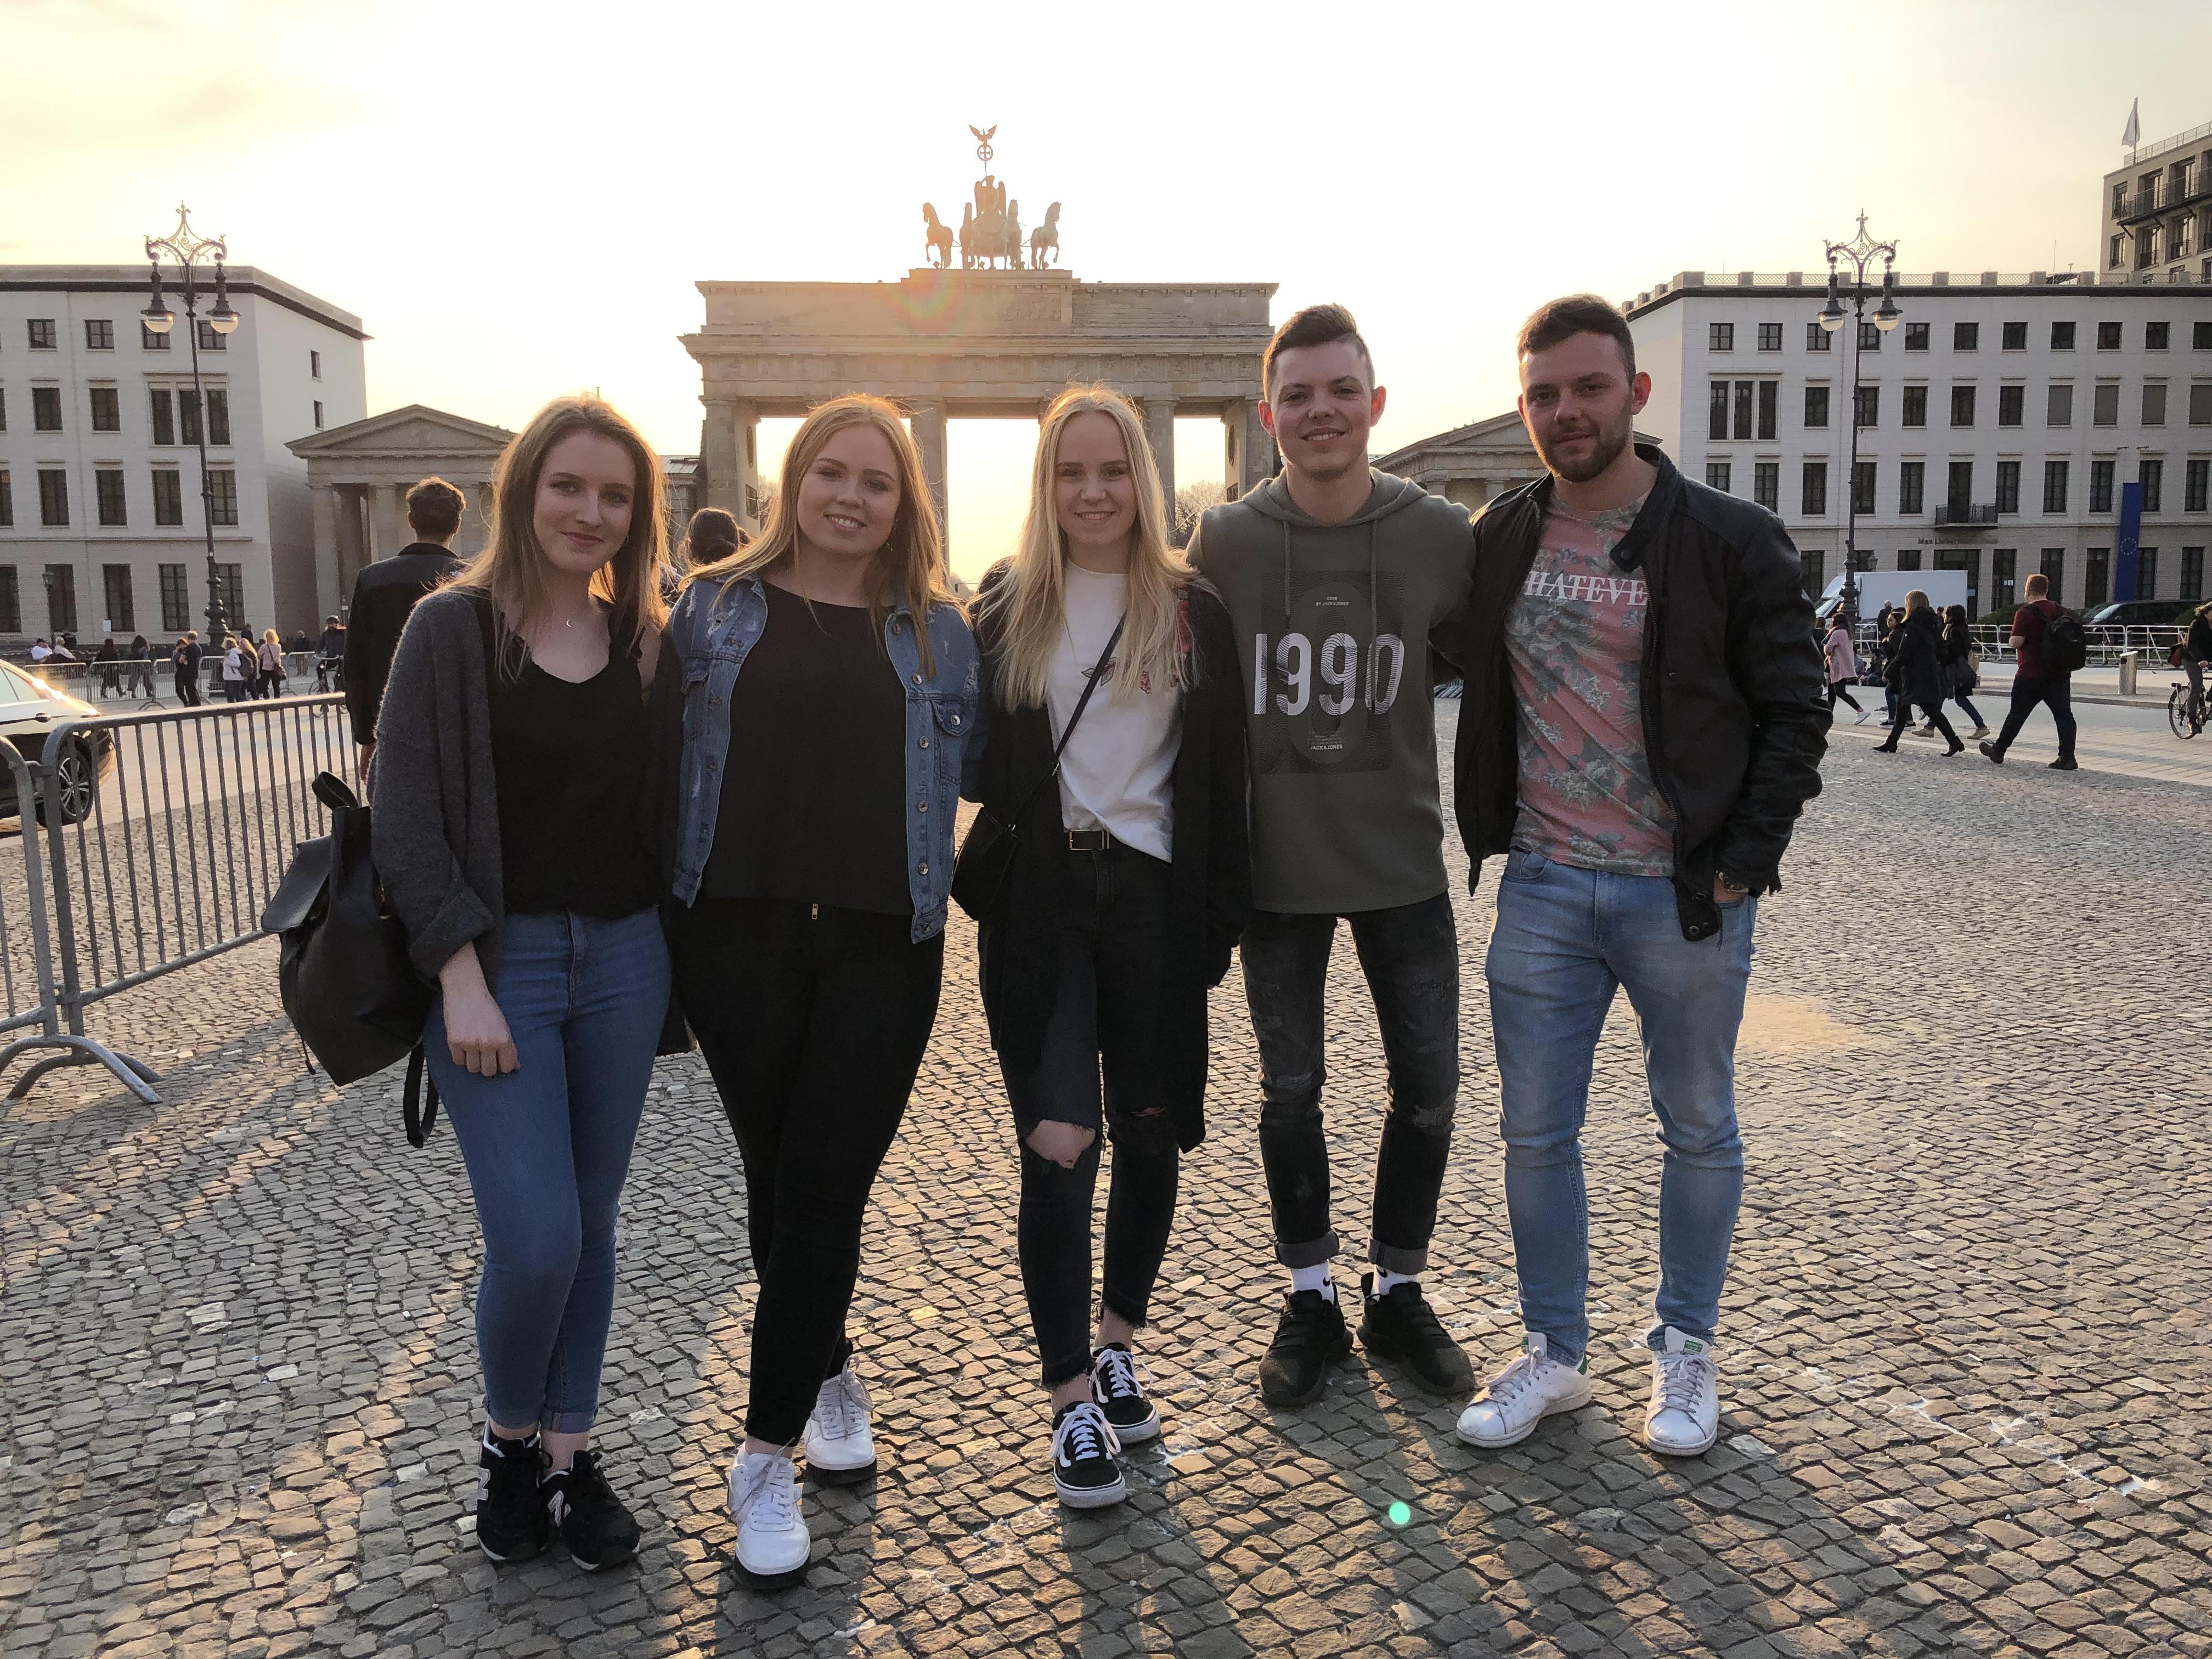 Klassenfahrt Berlin, Ausbildung bei A.S. Création